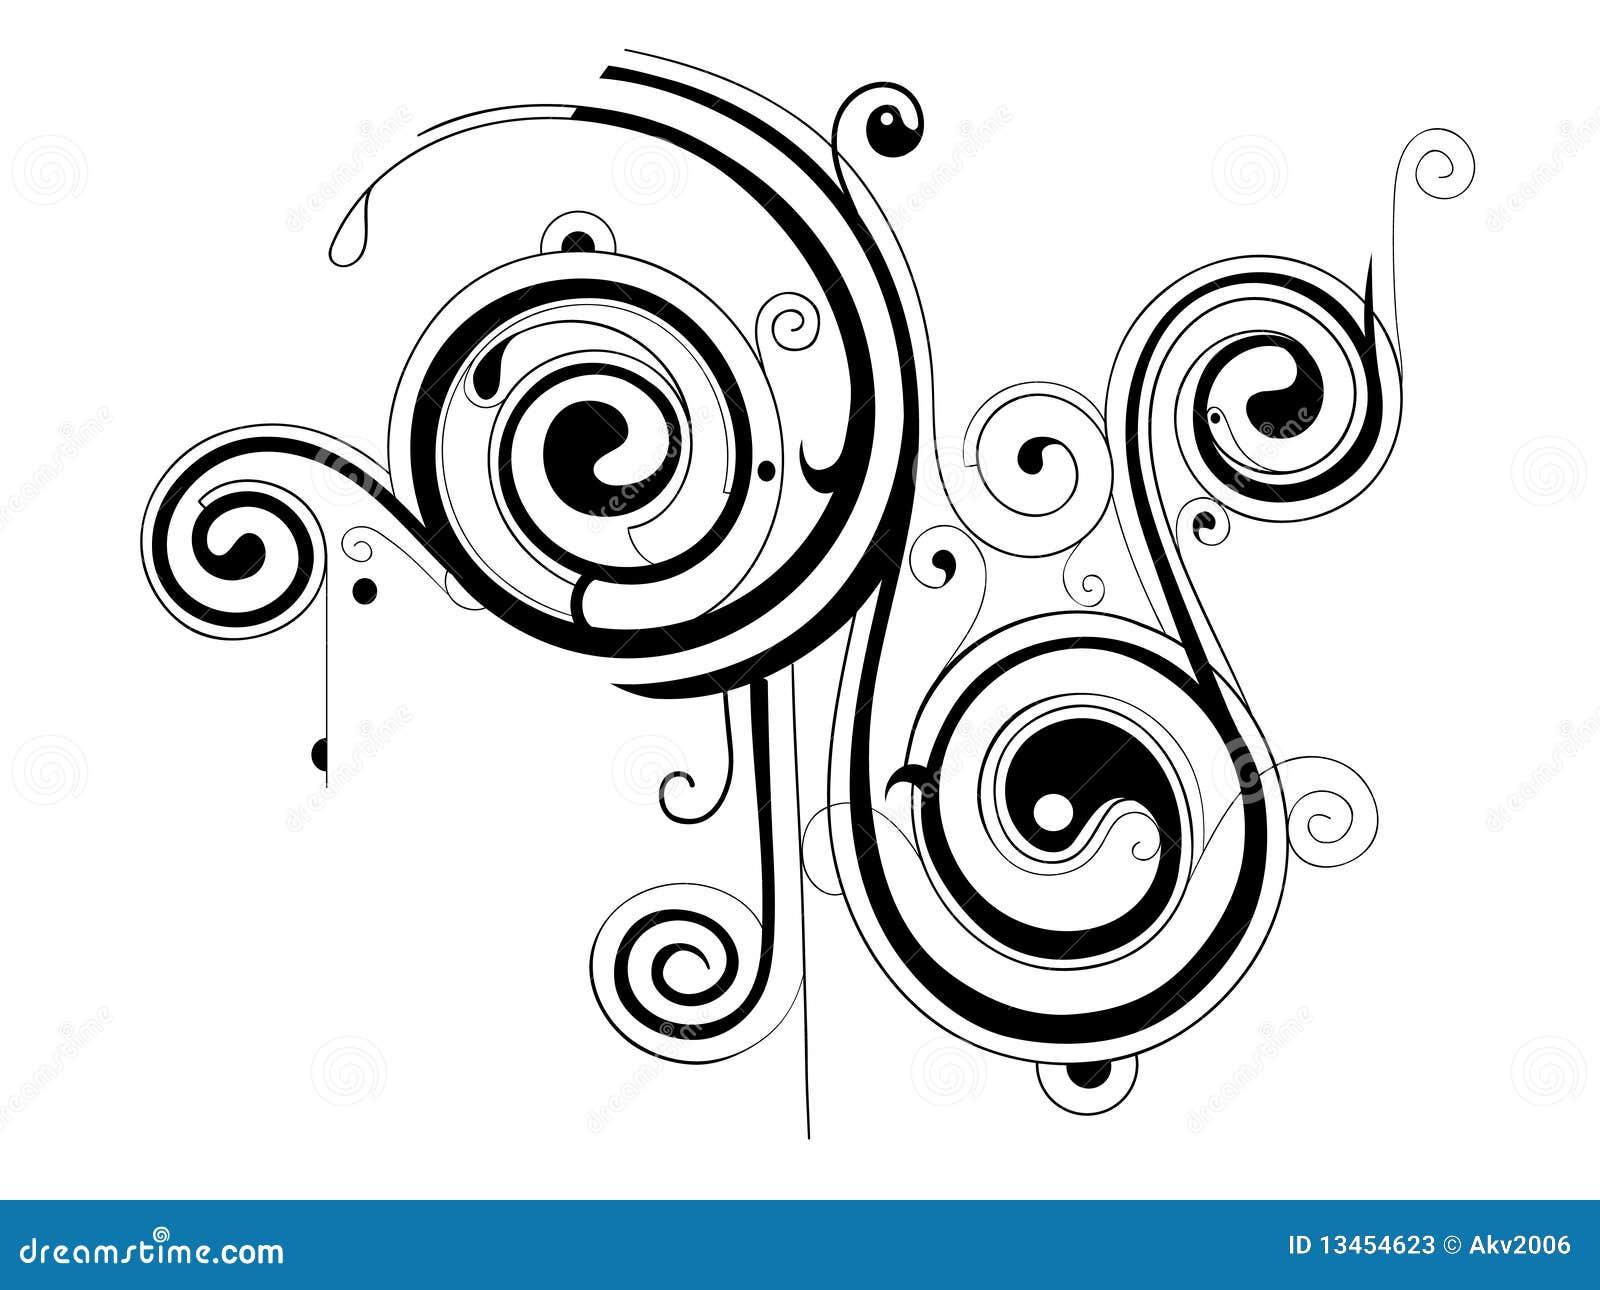 Decorative Shape Stock Photos - Image: 13454623